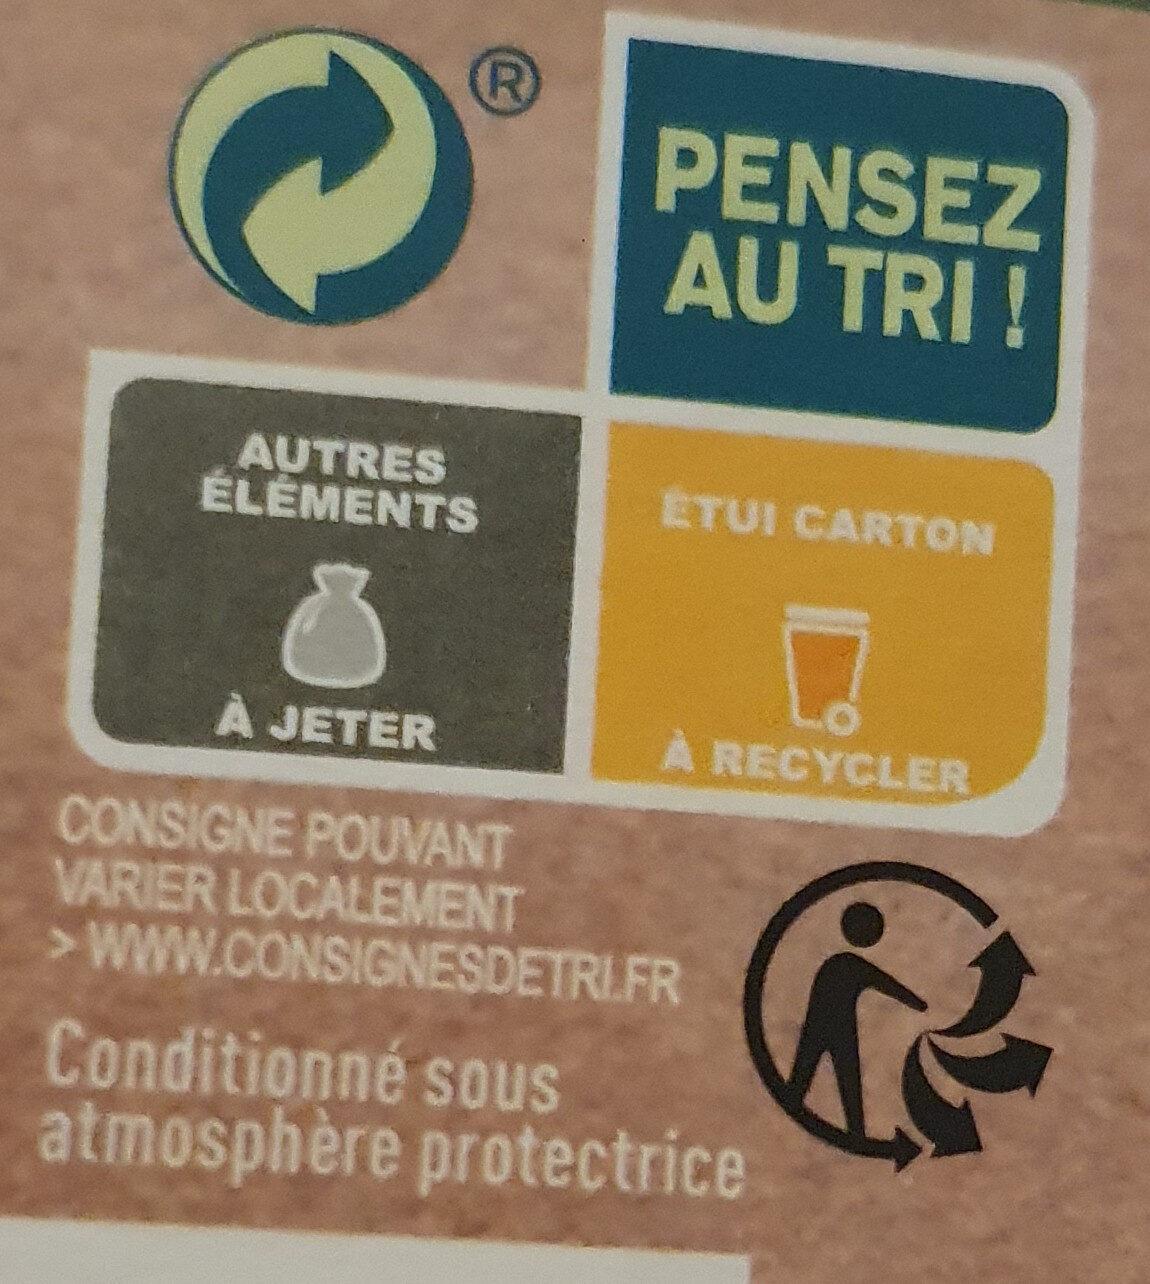 Le Parmentier de Boeuf Charolais purée à la crème fraîche - Istruzioni per il riciclaggio e/o informazioni sull'imballaggio - fr